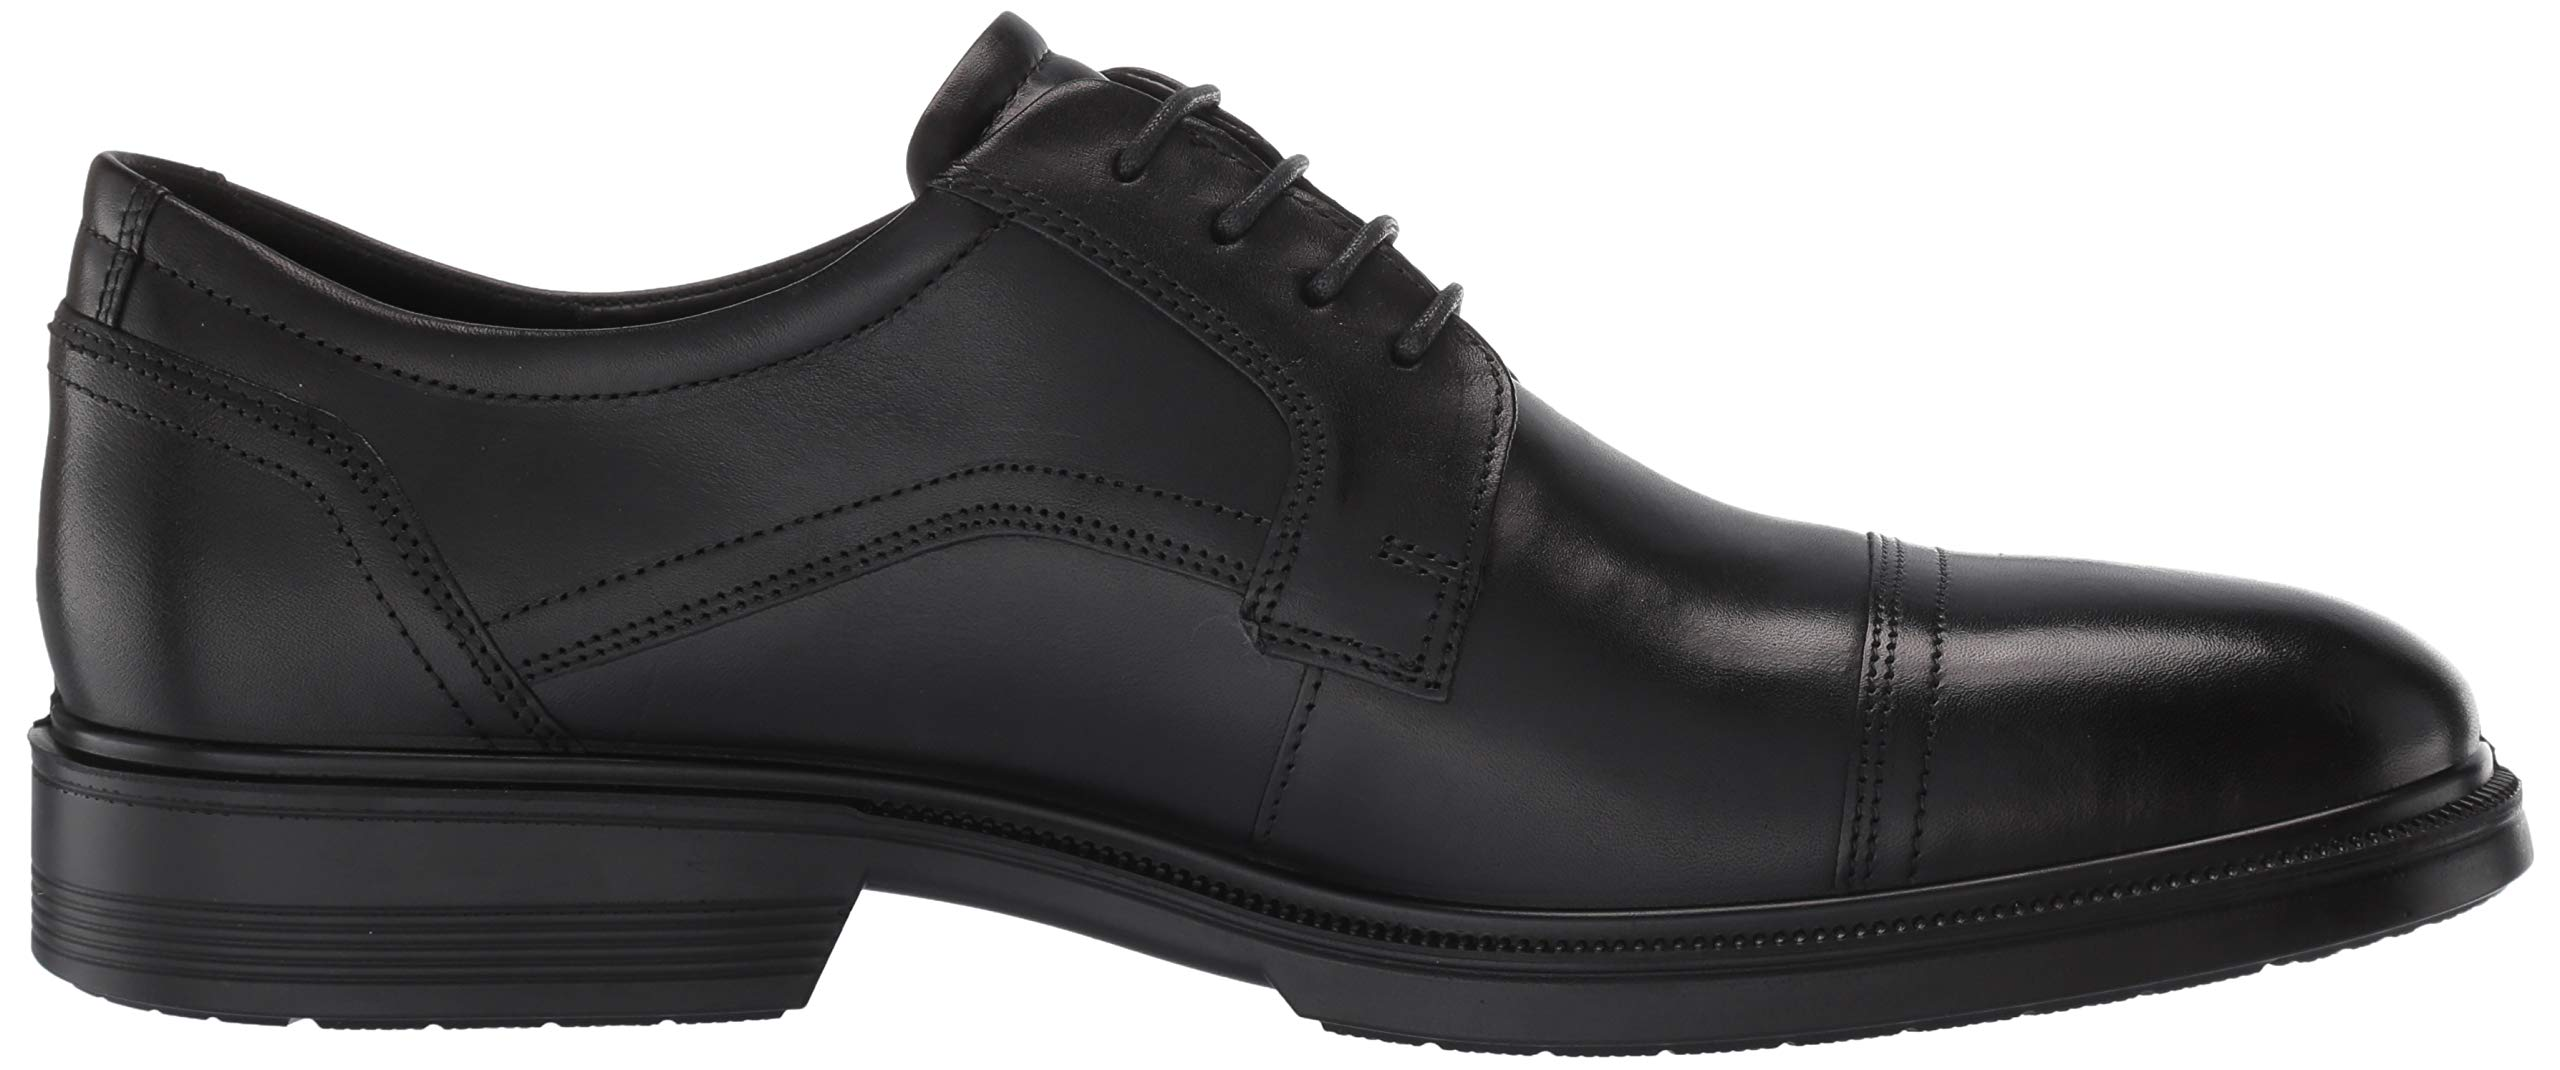 ECCO Men's Lisbon Cap Toe Tie Oxford, Black, 48 EU/14-14.5 M US by ECCO (Image #7)